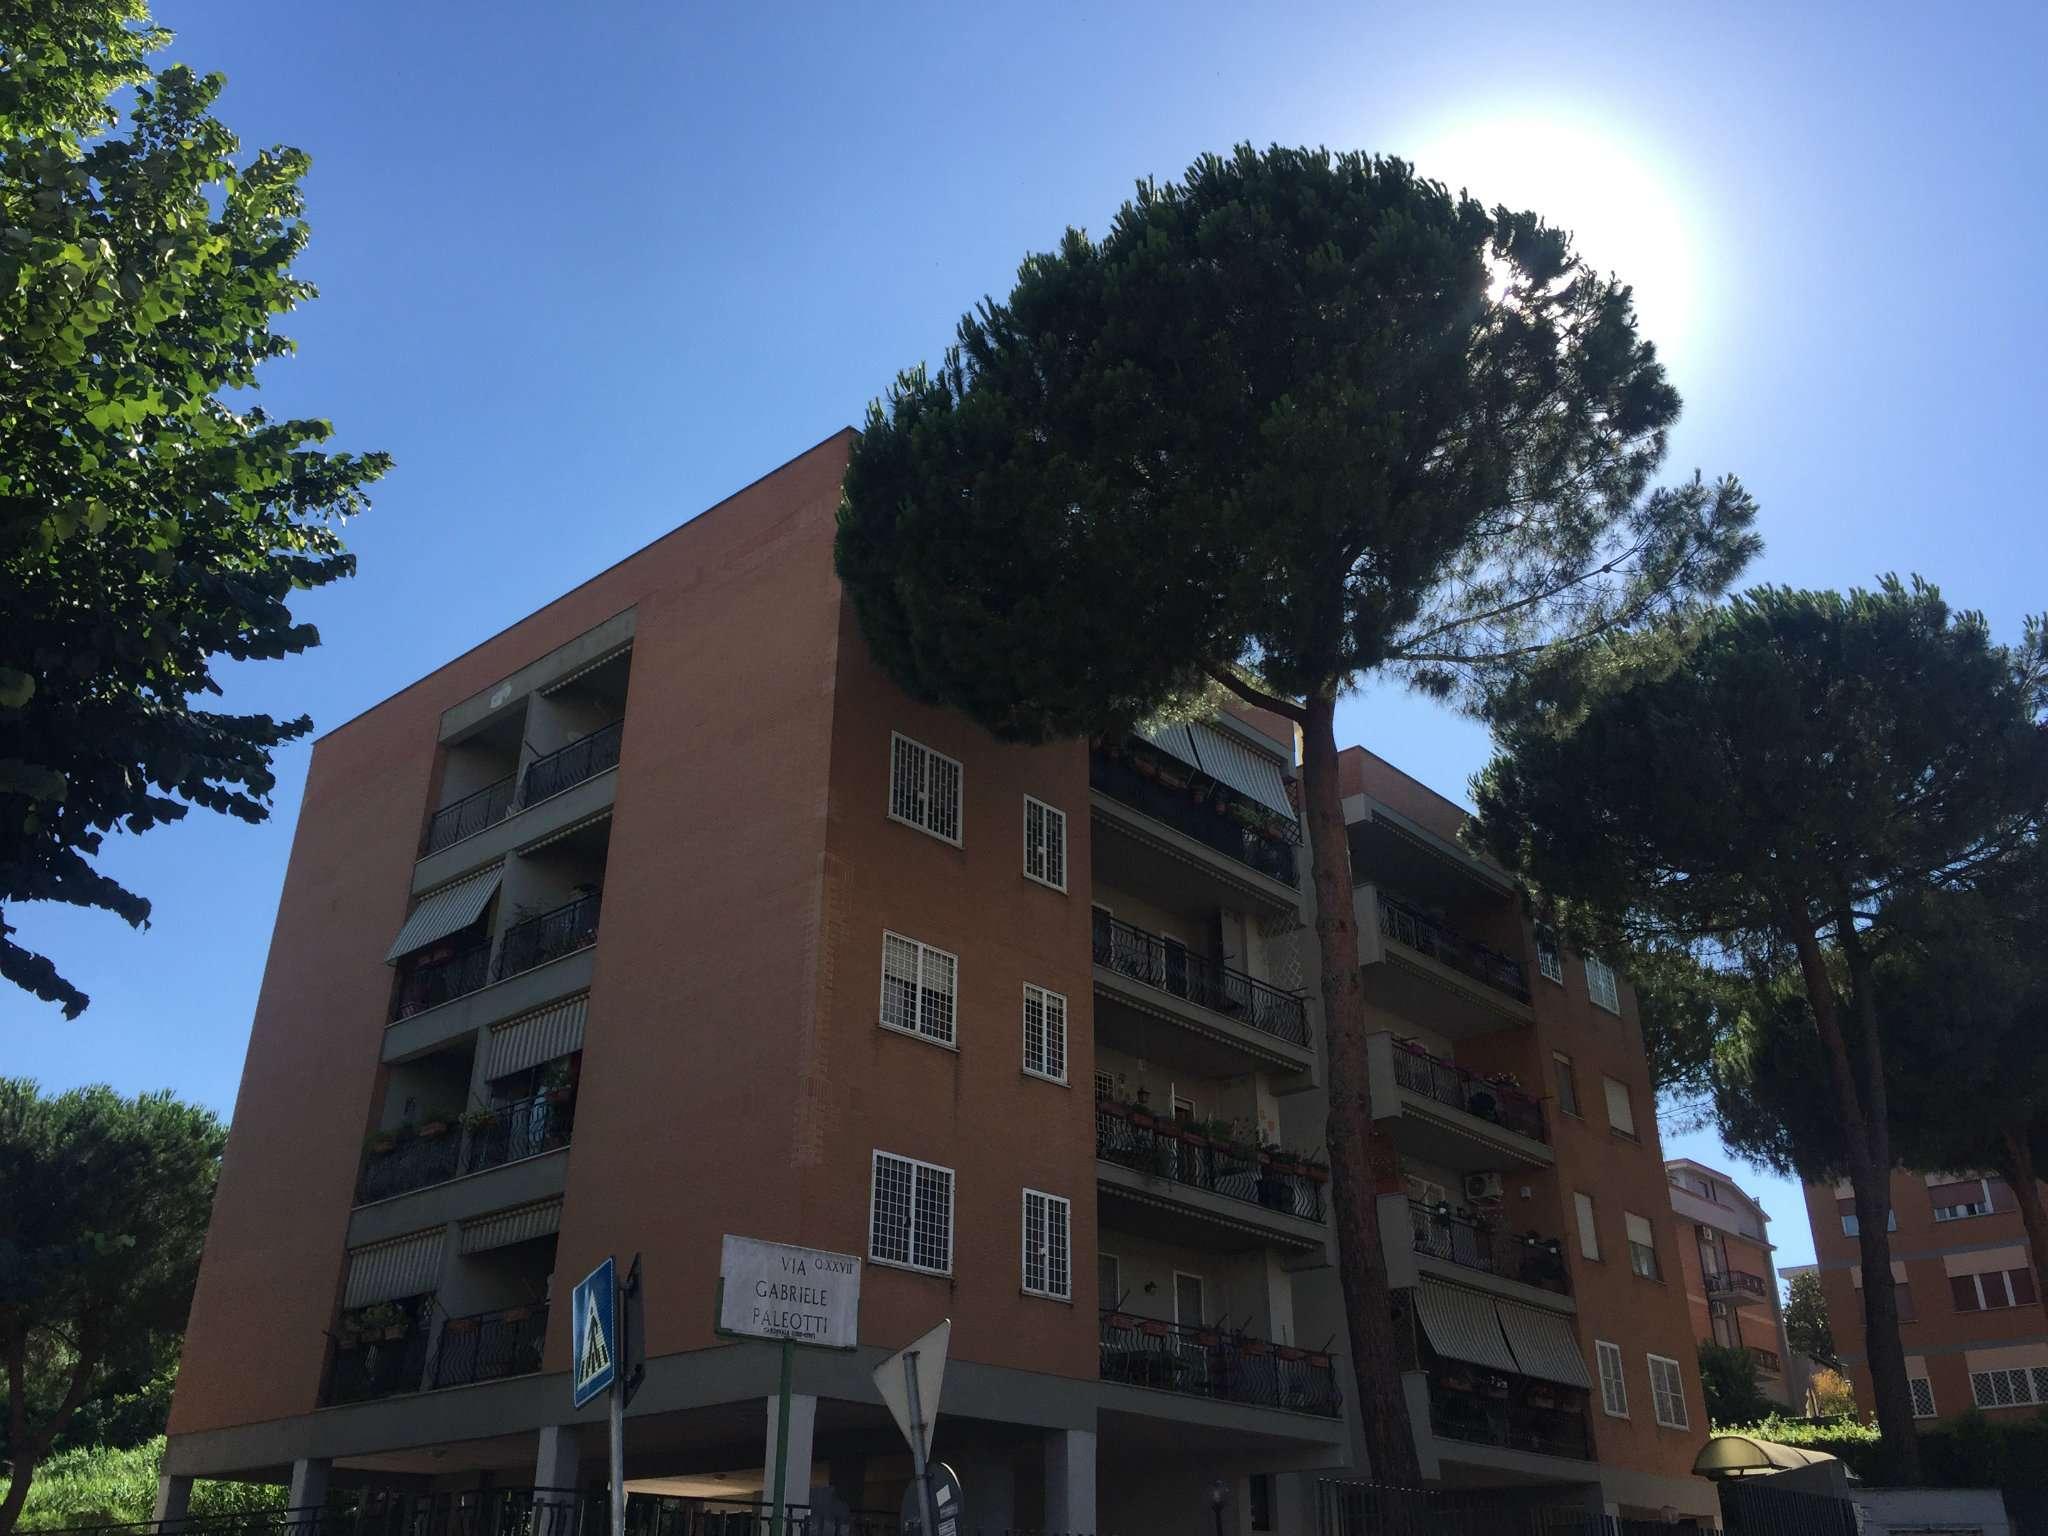 Attico / Mansarda a Roma in Vendita